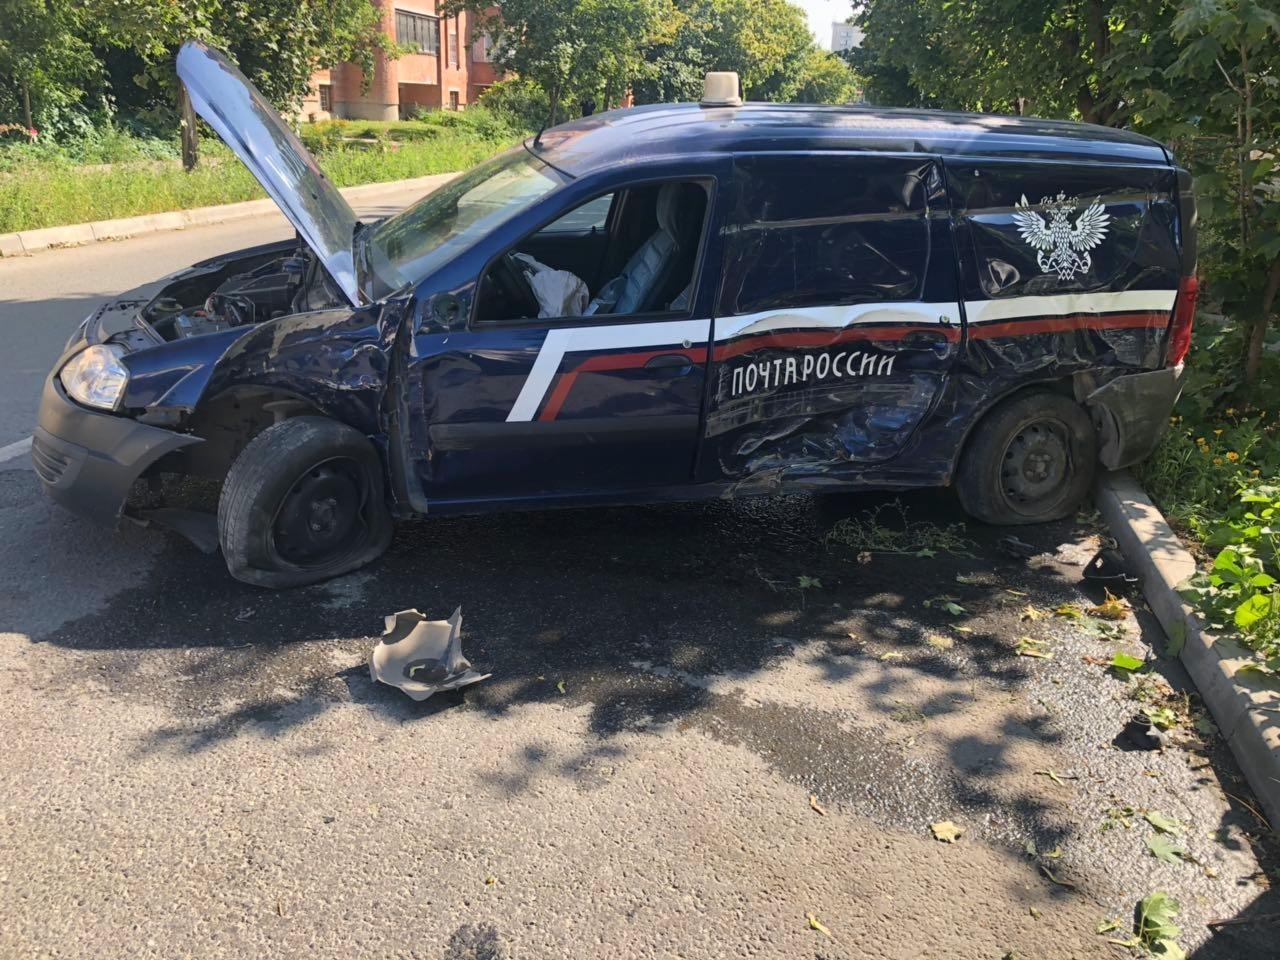 В Тольятти почтовый «Ларгус» попал в ДТП, есть пострадавший